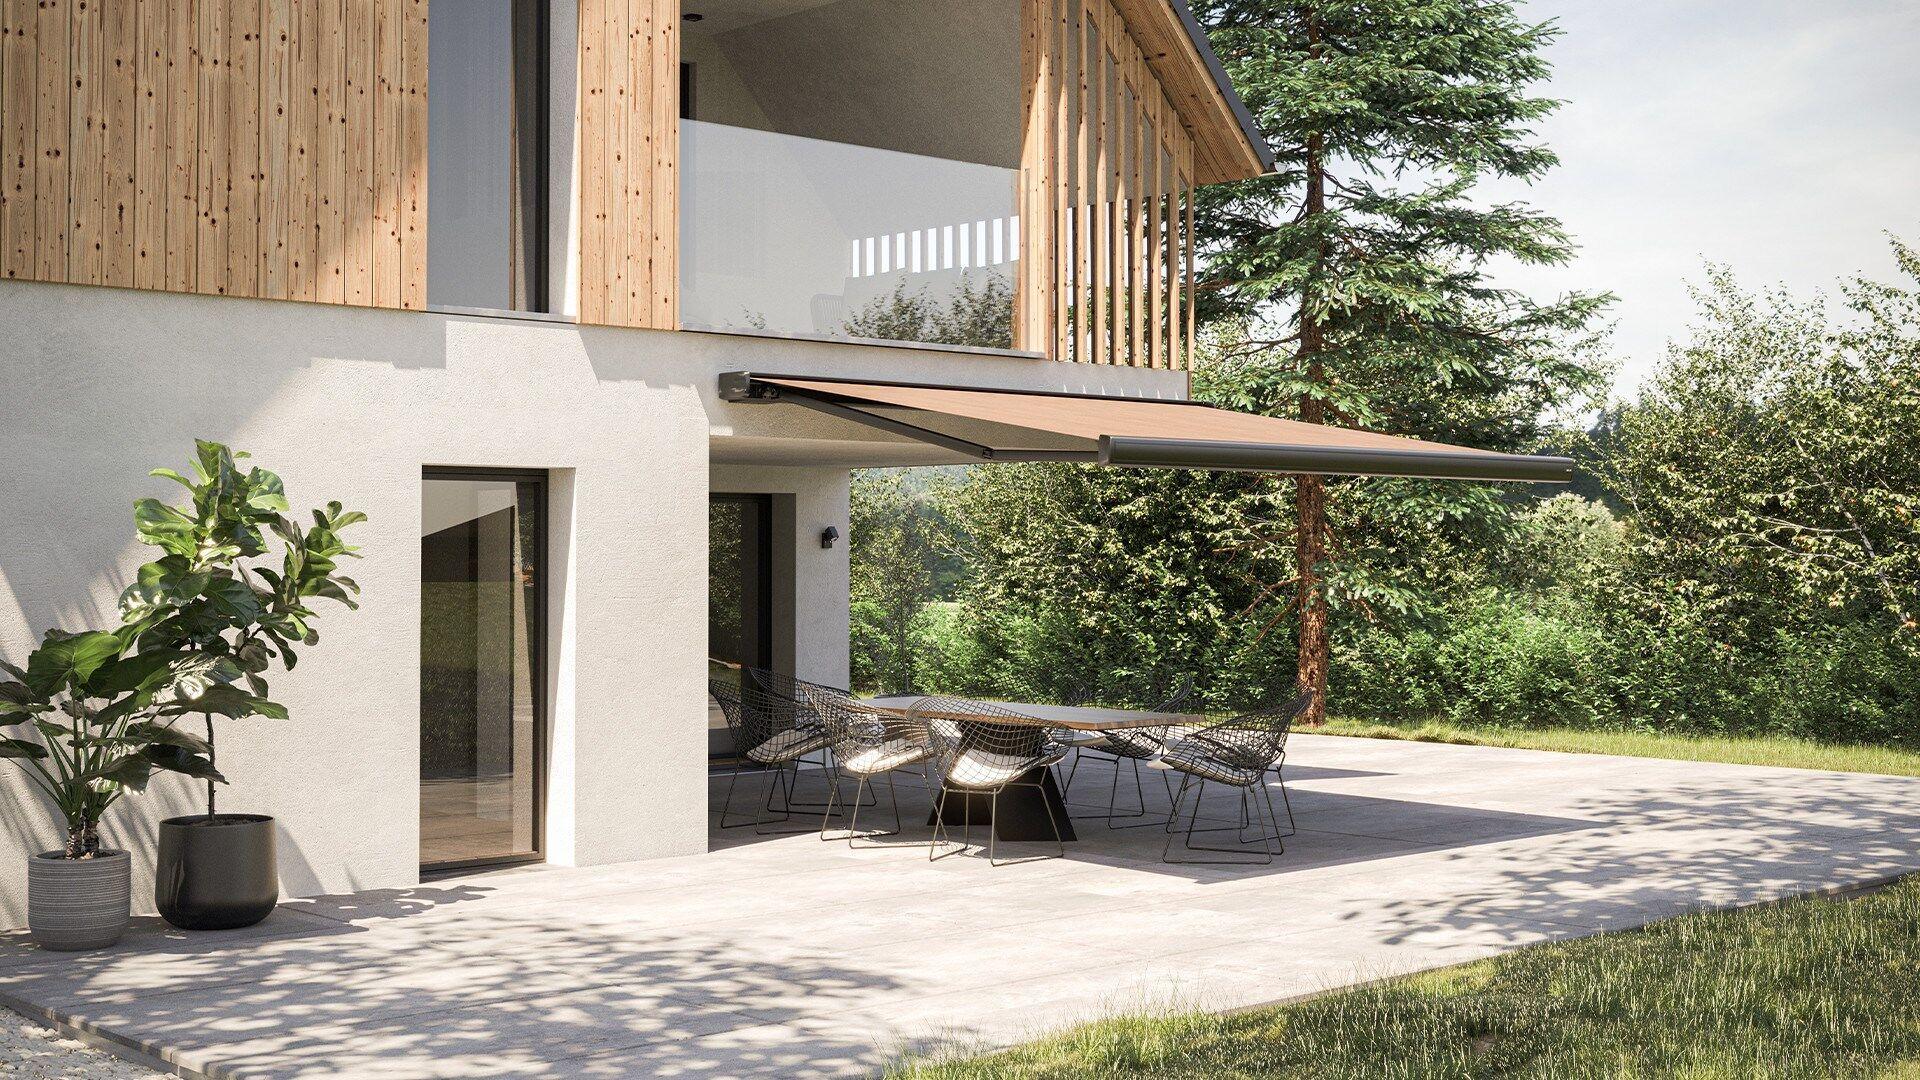 Markisen als Sonnenschutz für Terrassen und Balkone   HELLA ...